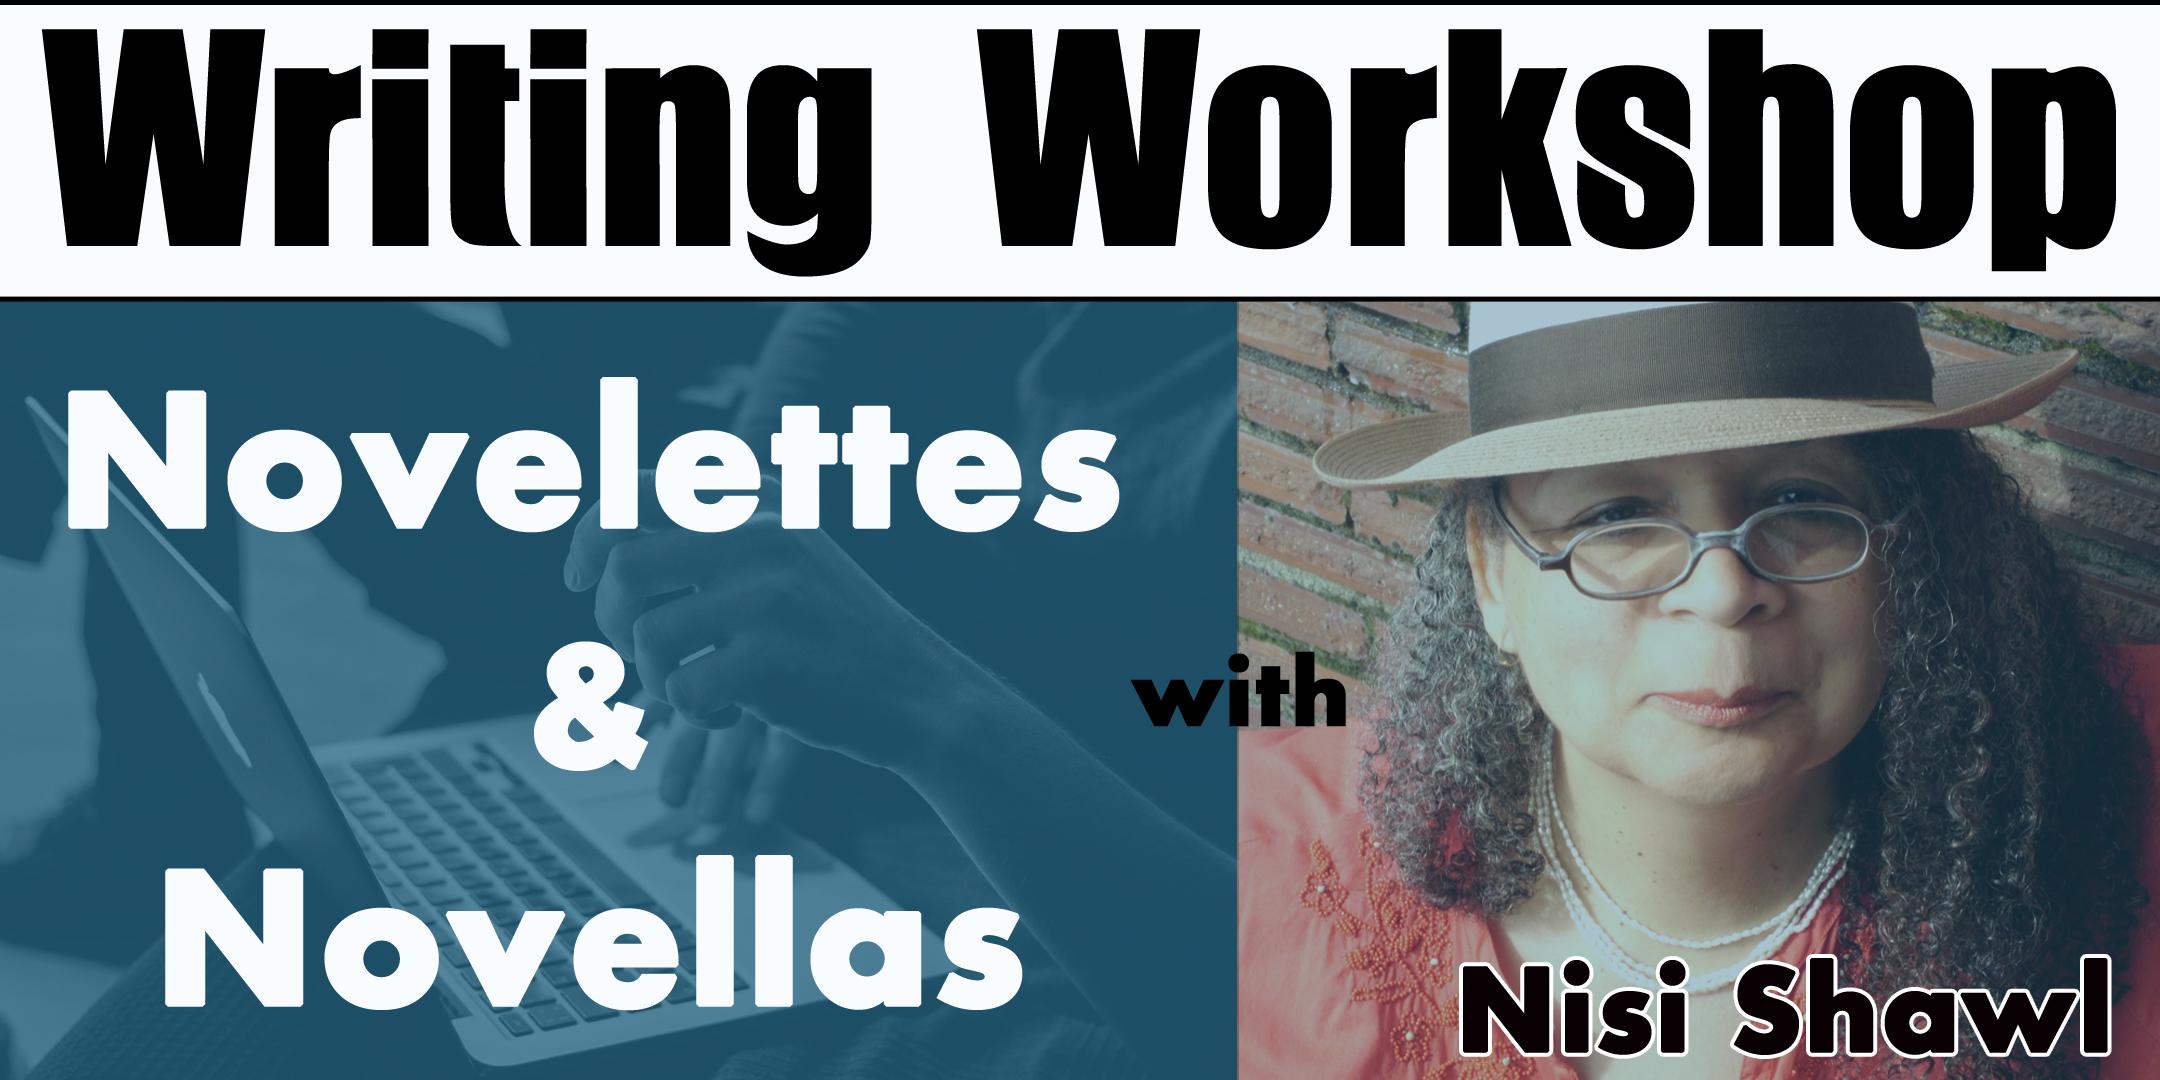 Novelette and Novella Writing Workshop with Nisi Shawl